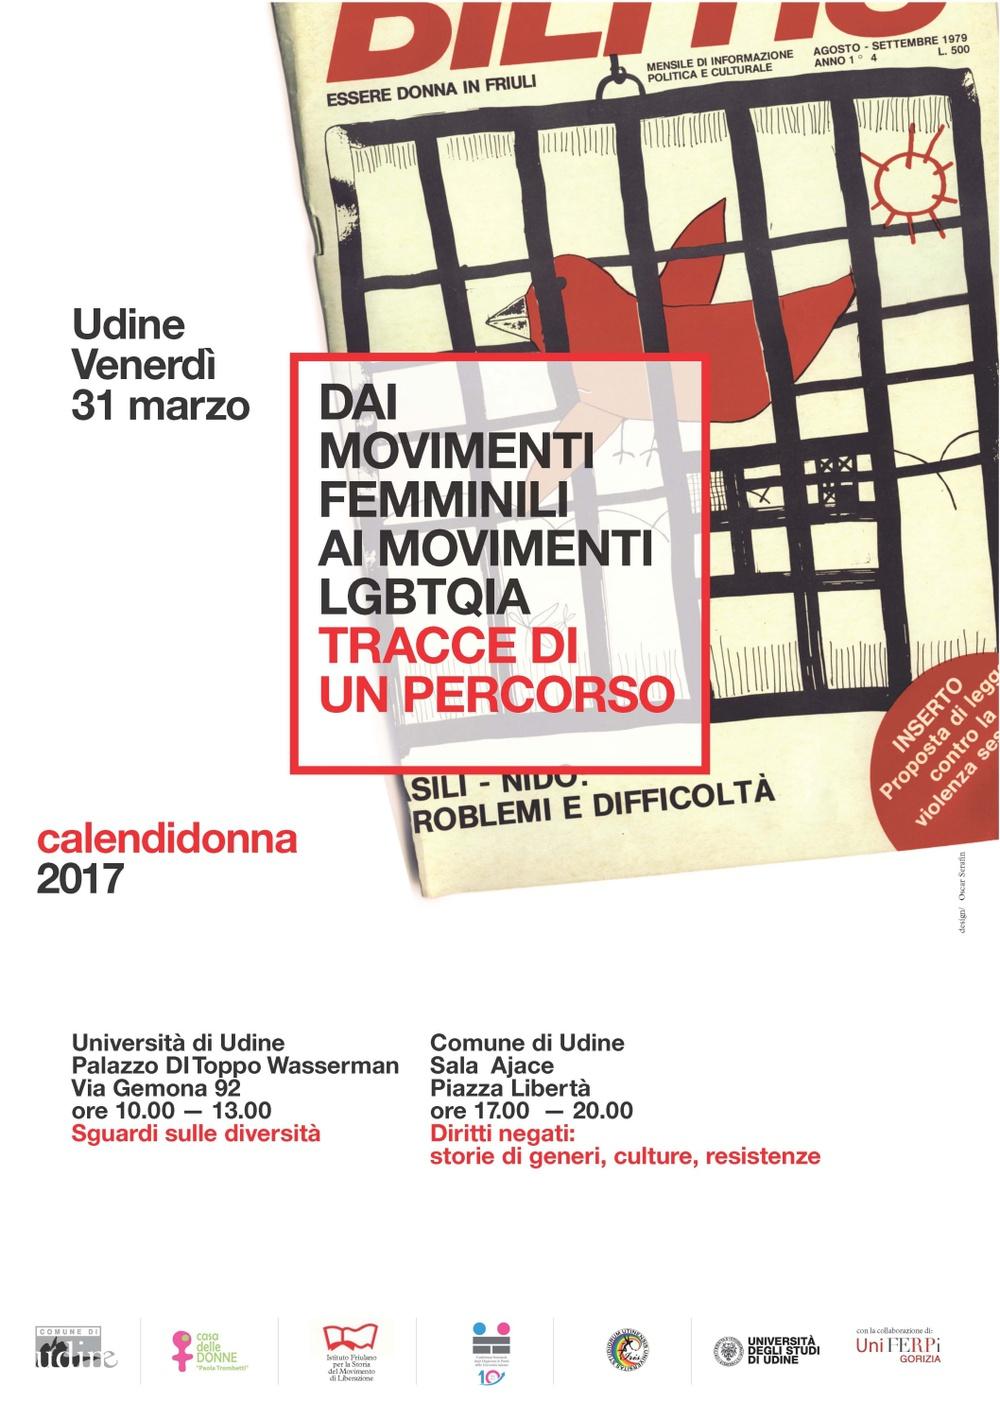 Calendidonna 2017 dai movimenti femminili ai movimenti for Casa moderna udine 2017 orari